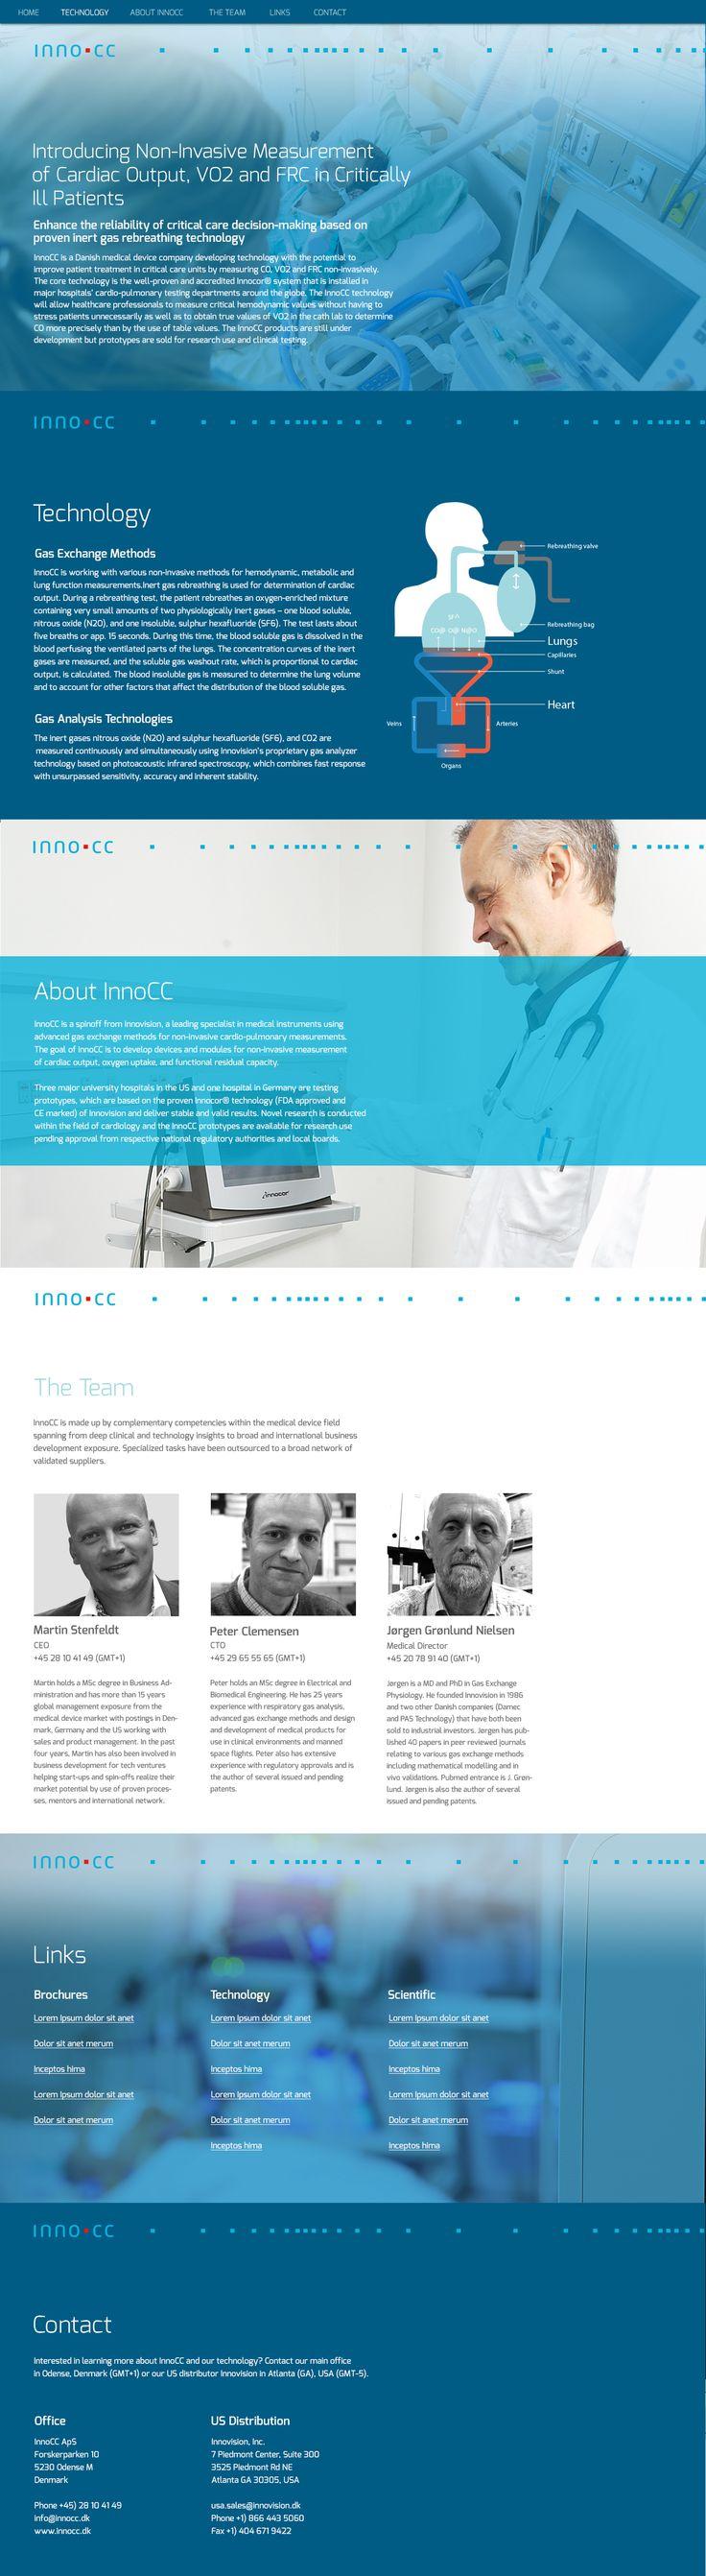 Die Struktur der Website ist klar und übersichtlich. Mit großen Bildern und starken Farben.